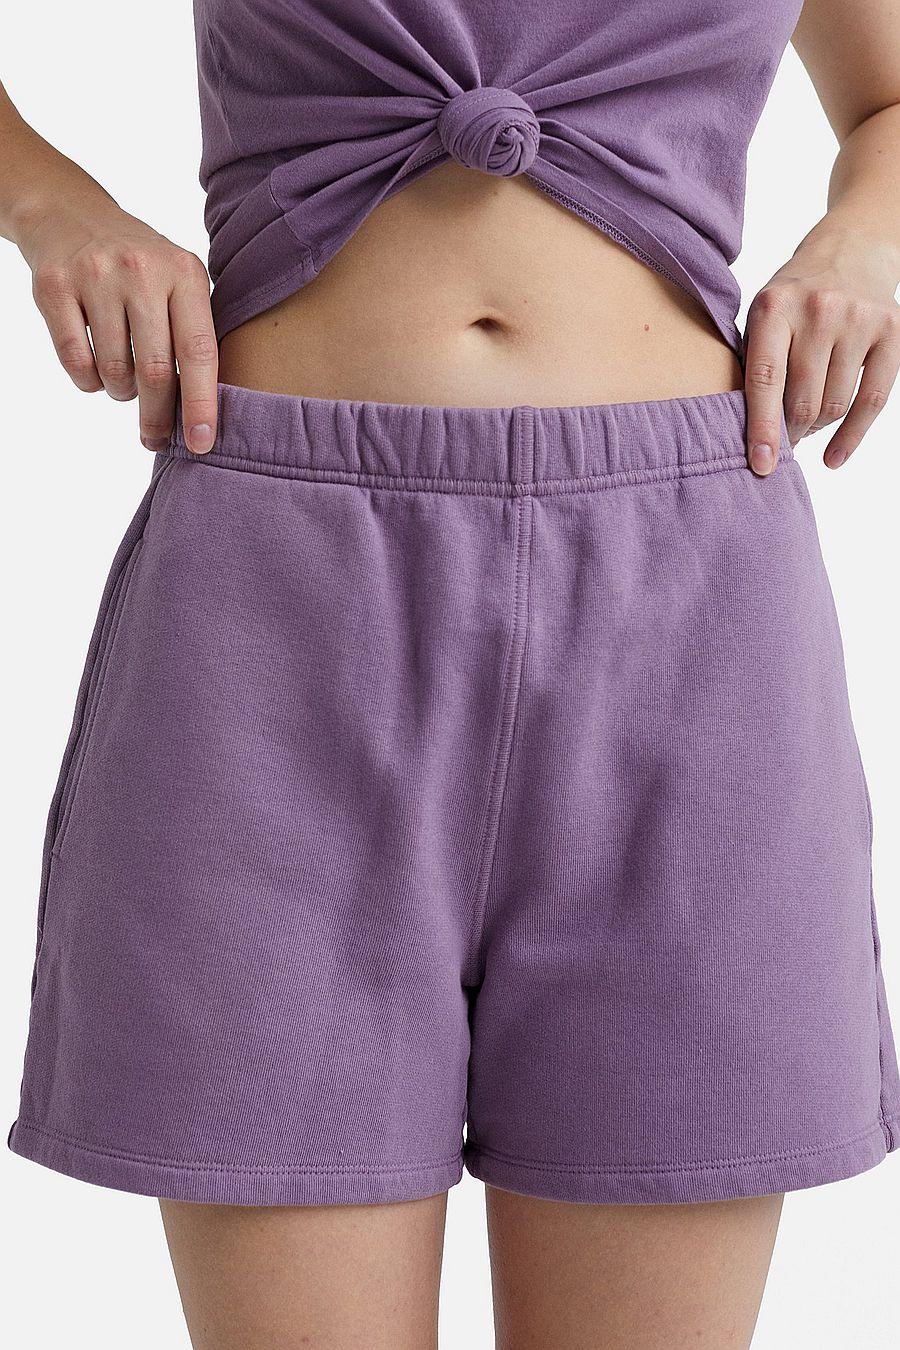 MATE The Label Fleece Pocket Short - LAVENDER